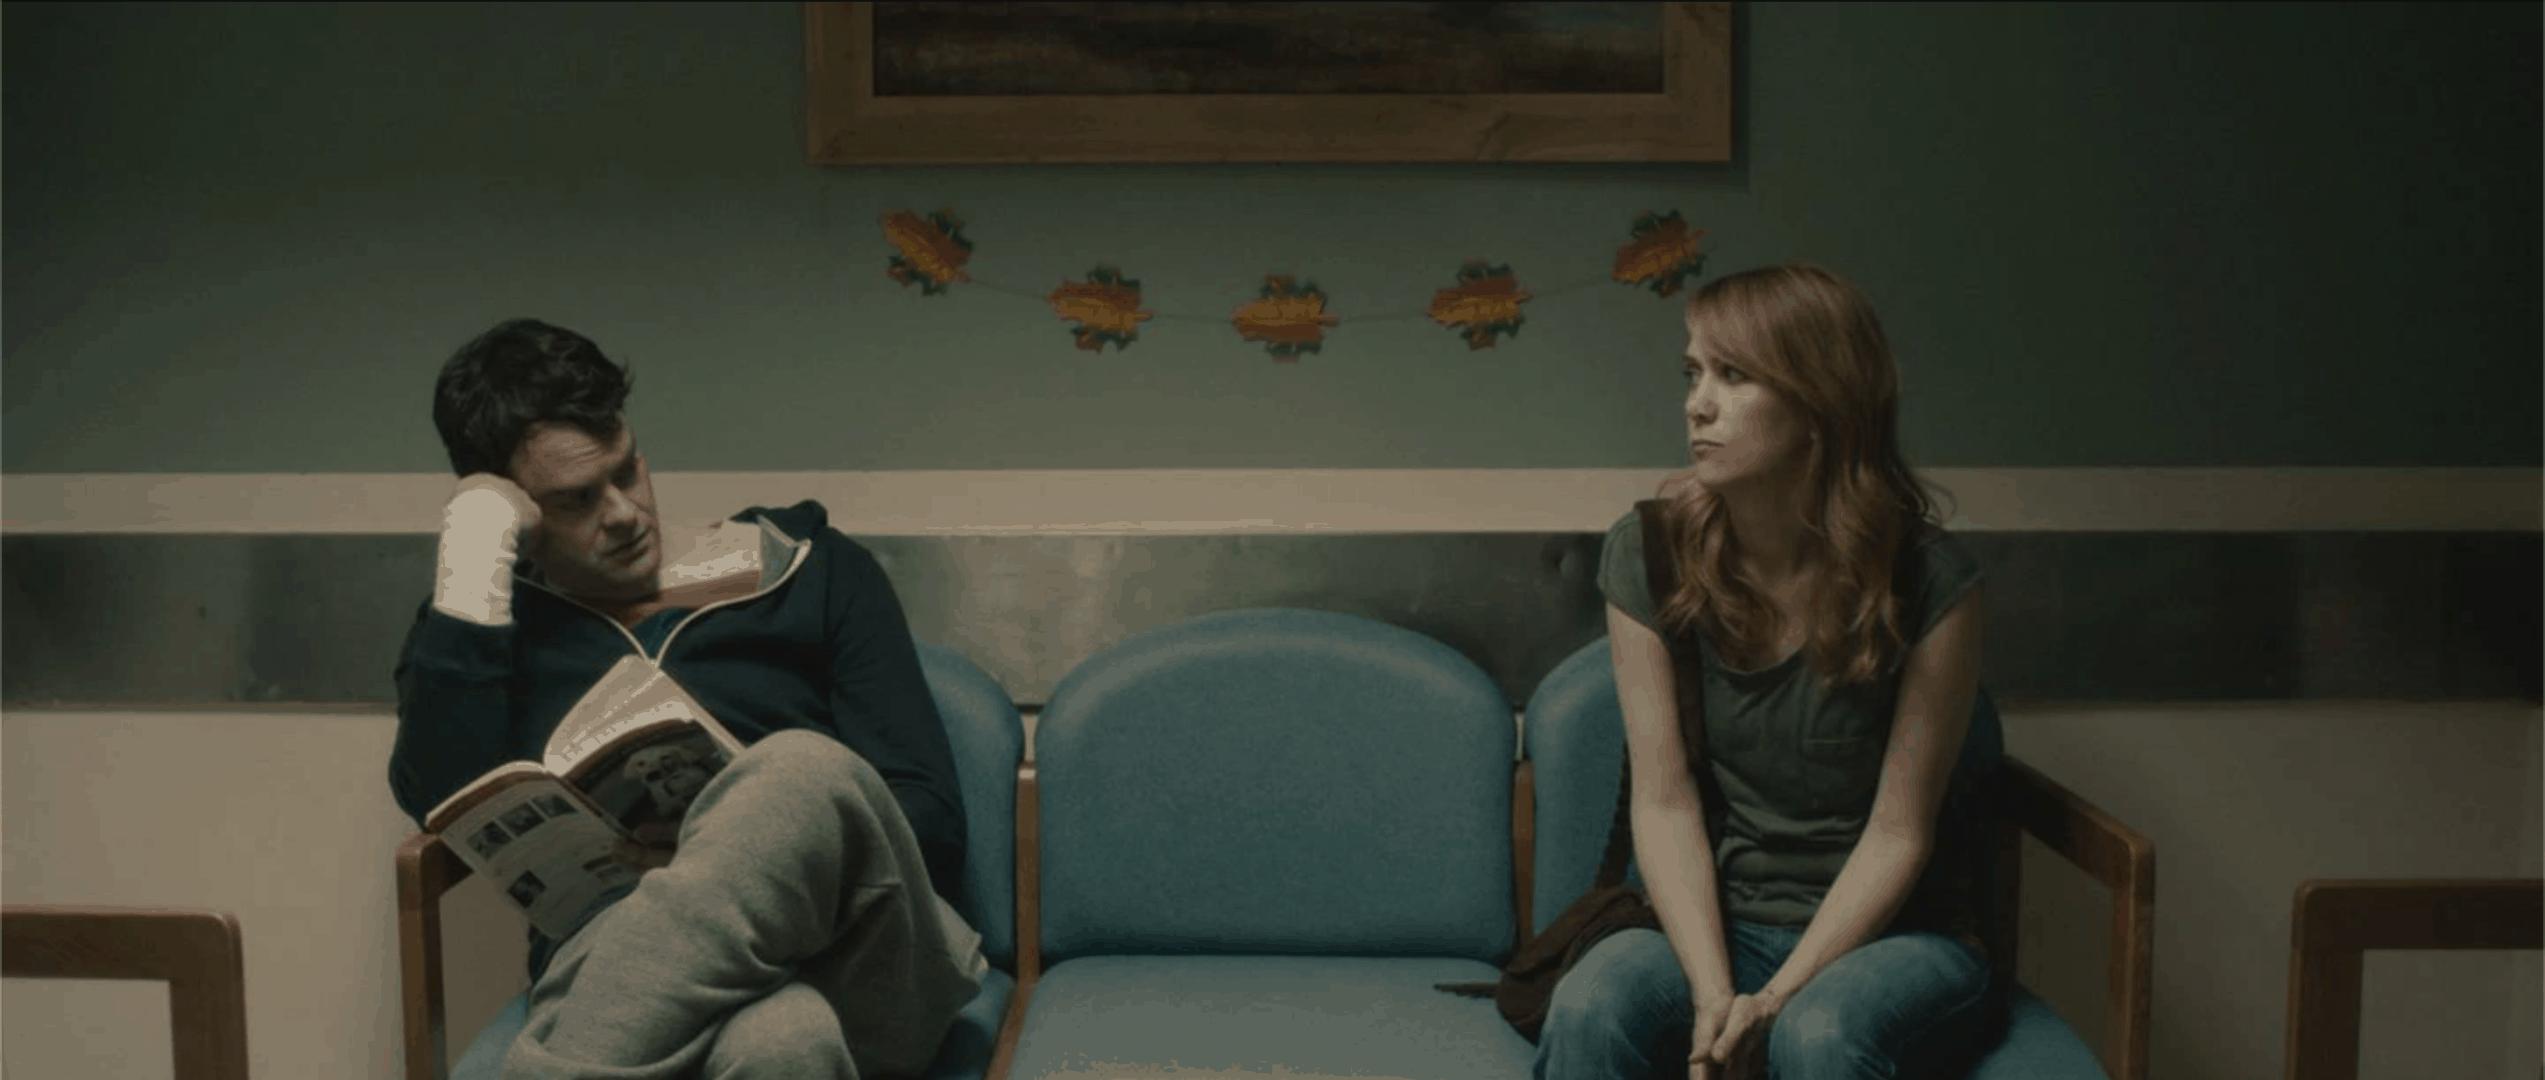 Film sulla depressione - uniti per sempre